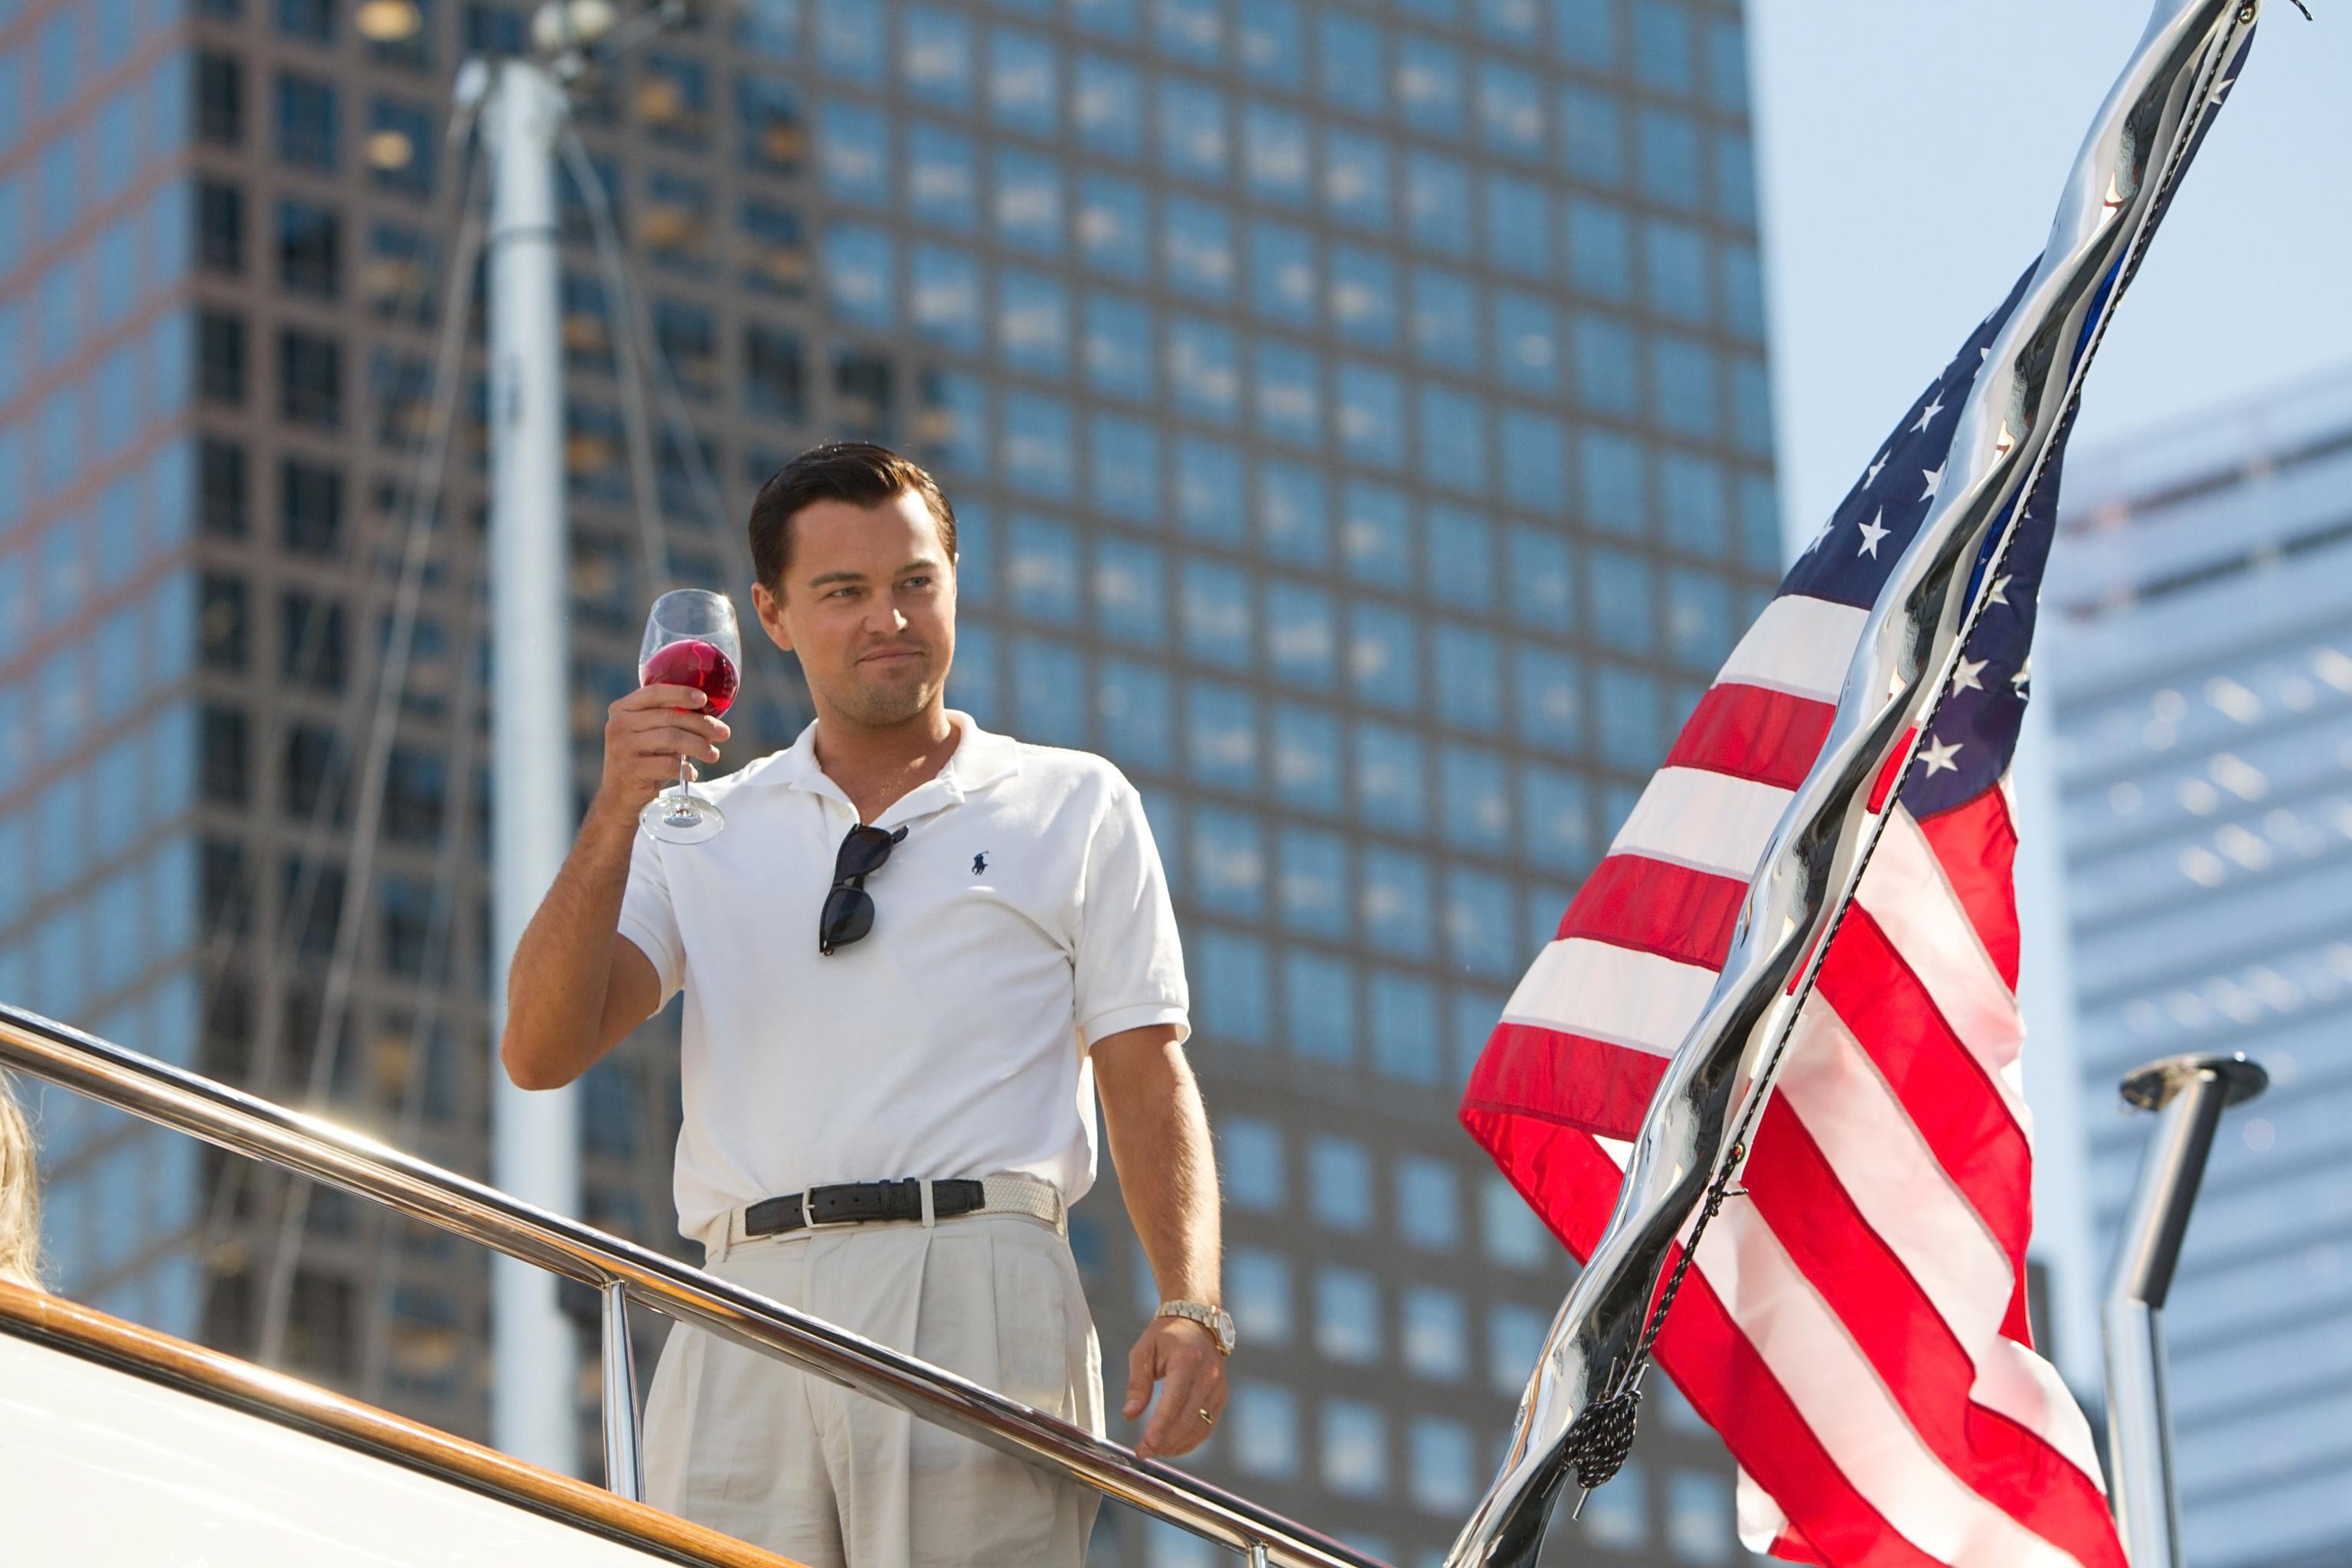 Fondos de pantalla El lobo de Wall Street con una copa de vino